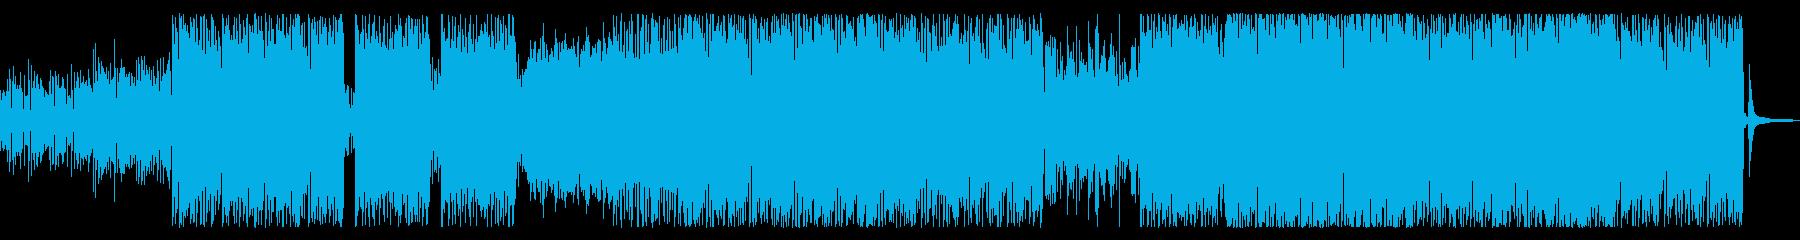 爽やかな ボサノバ ドラムンベースの再生済みの波形